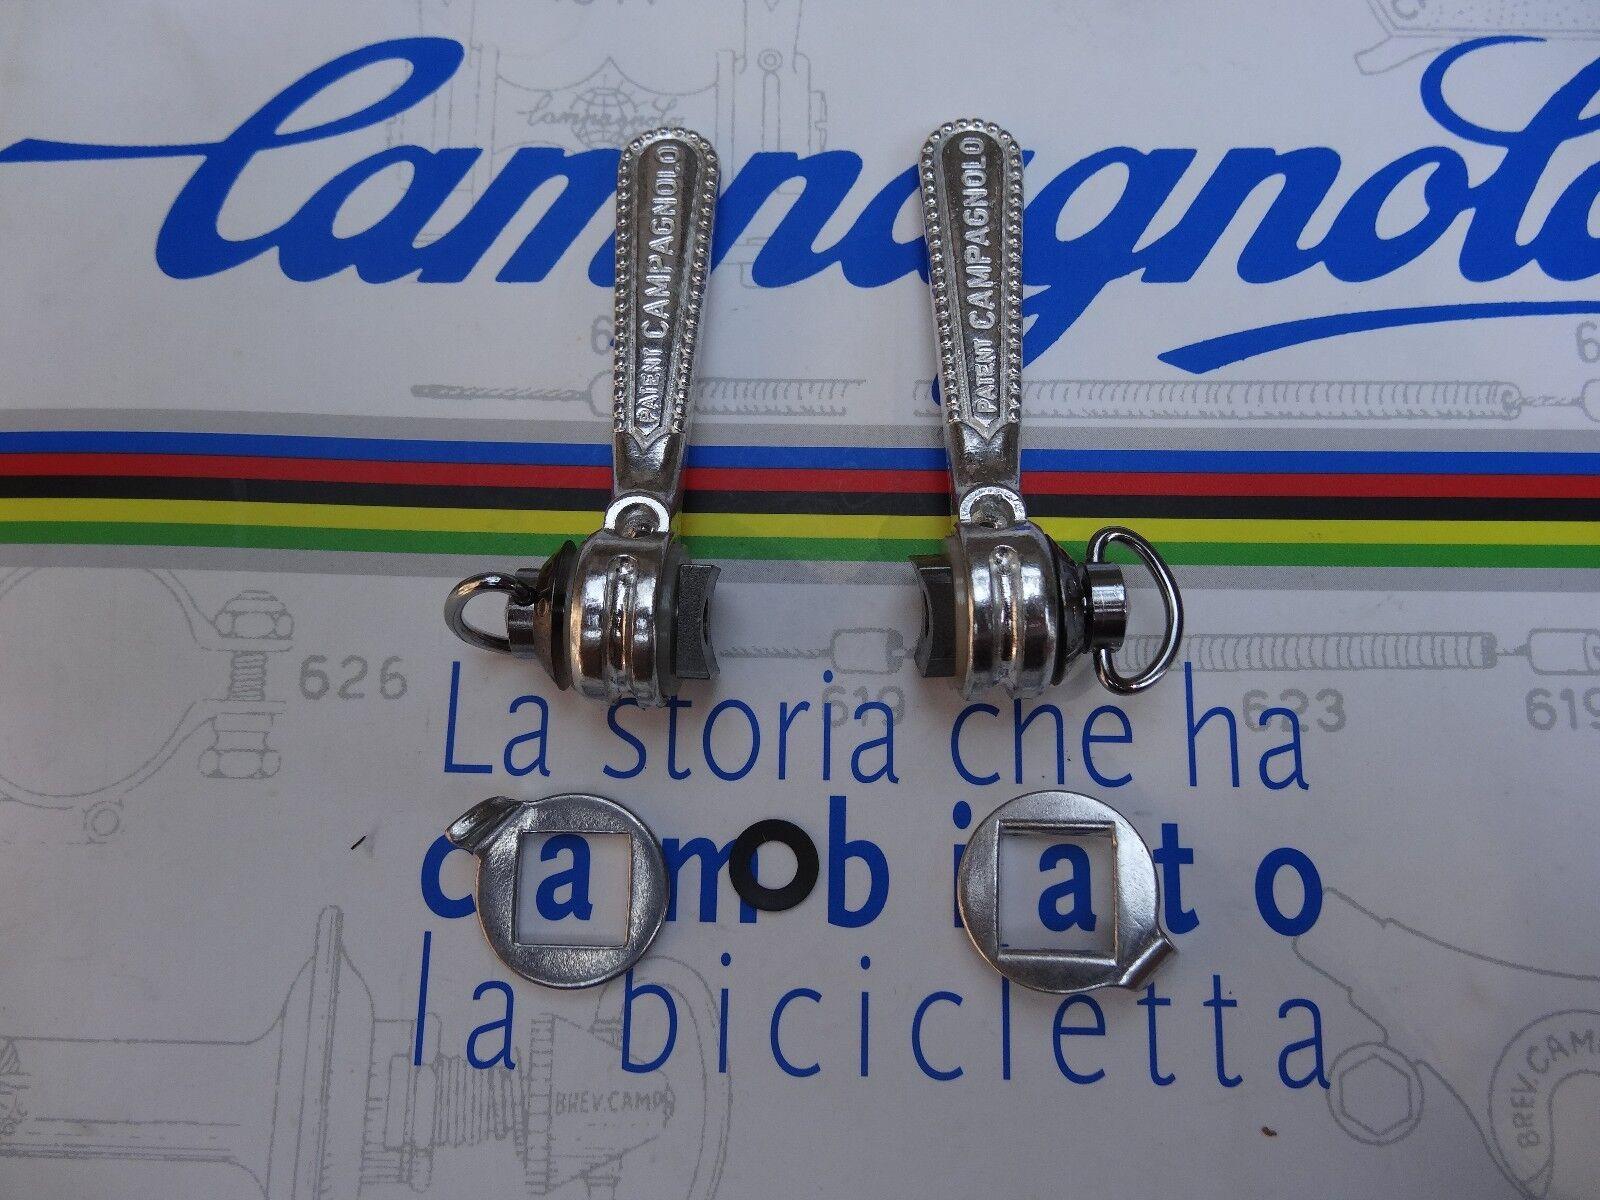 NIB  Campagnolo Retro-Friction Super Record shifters